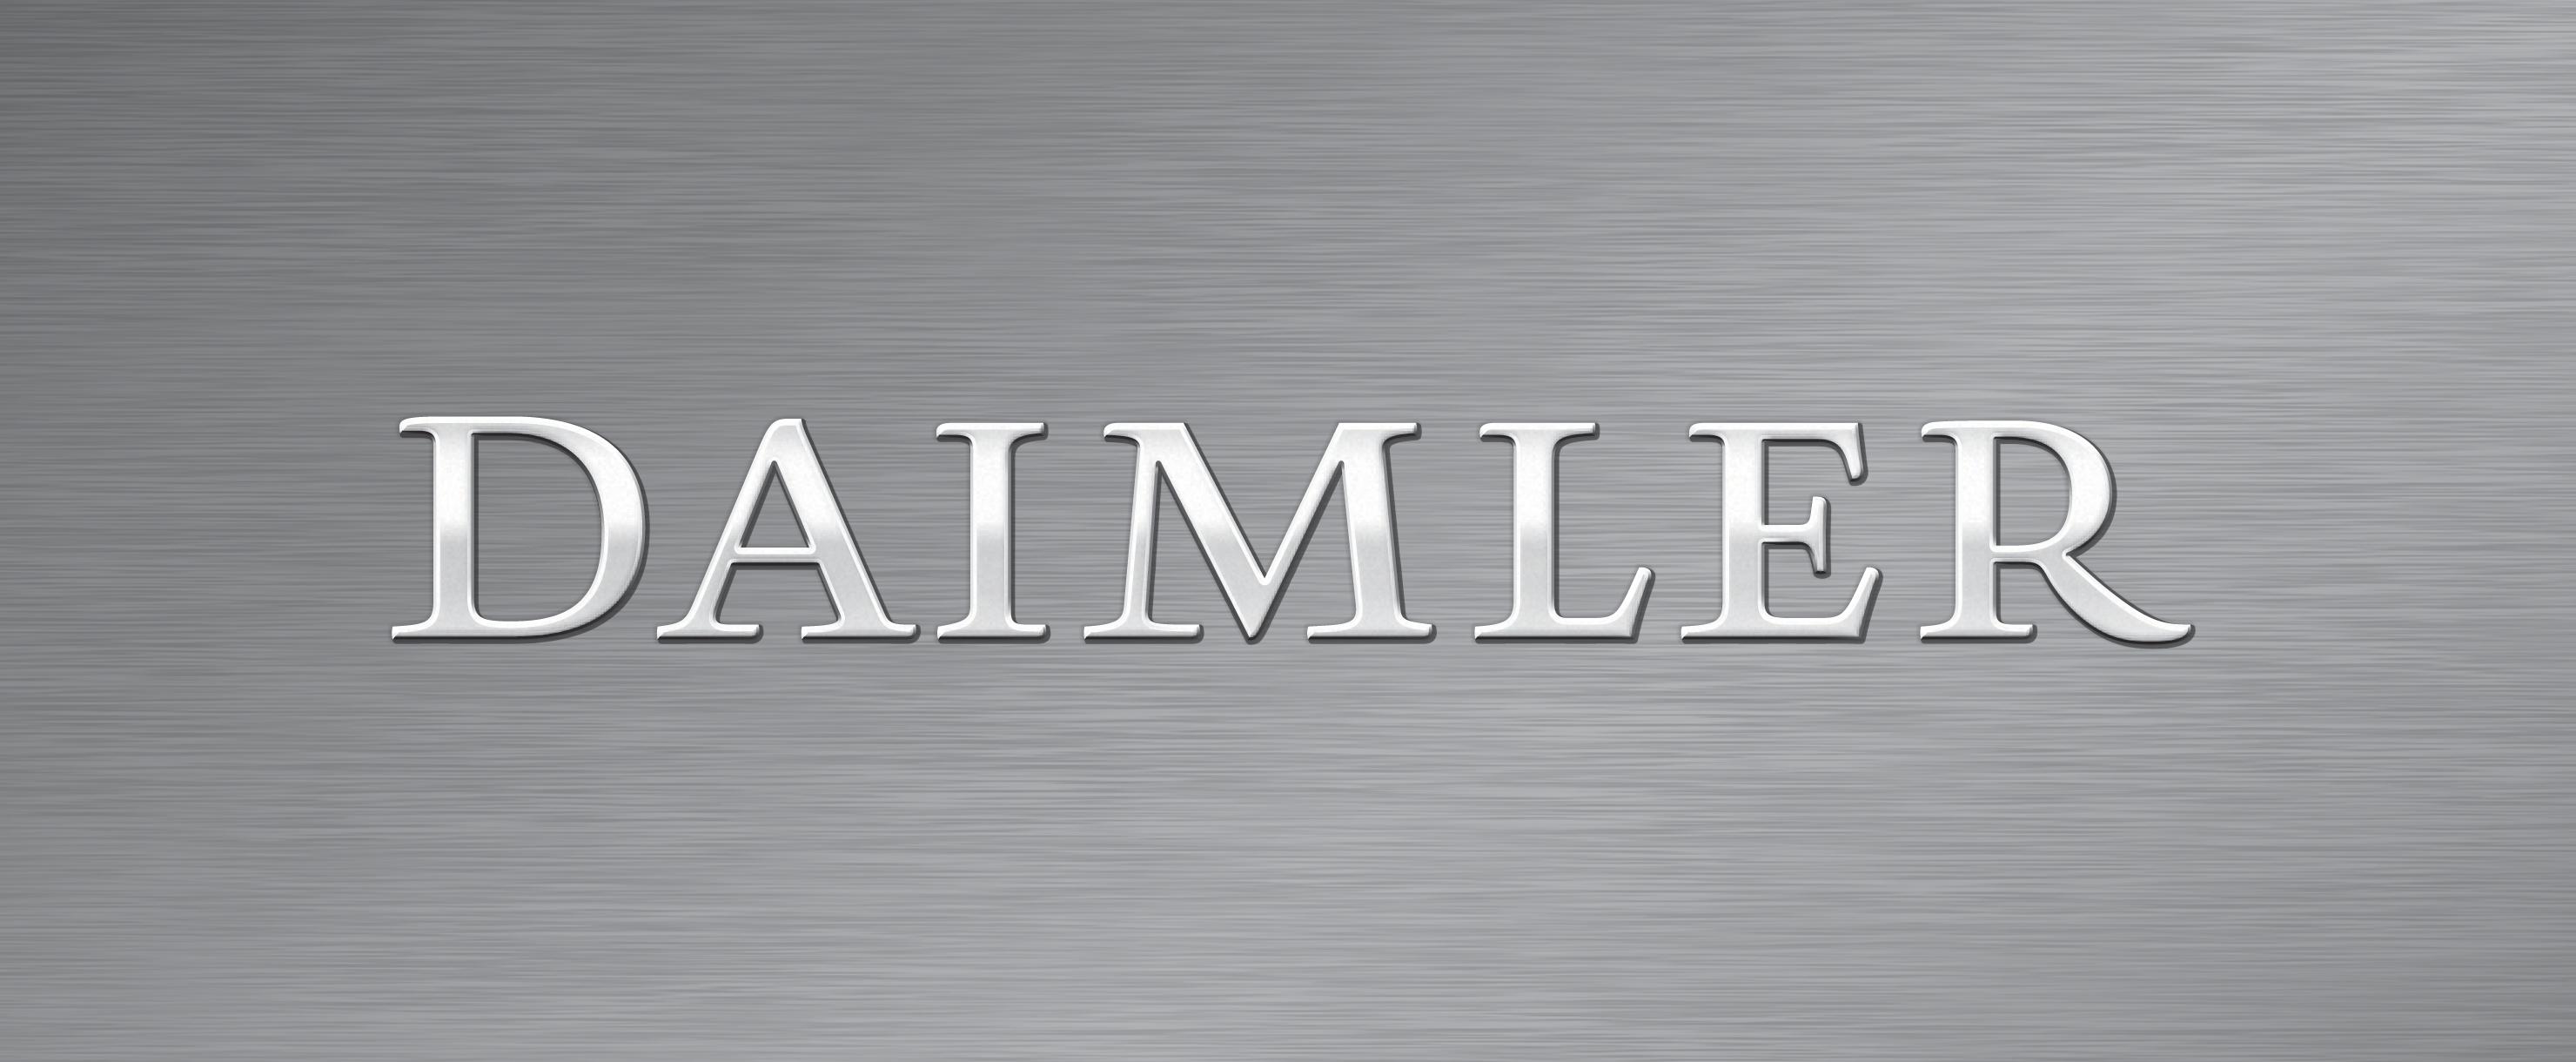 Daimler: Investoren erwägen radikale Neustrukturierung